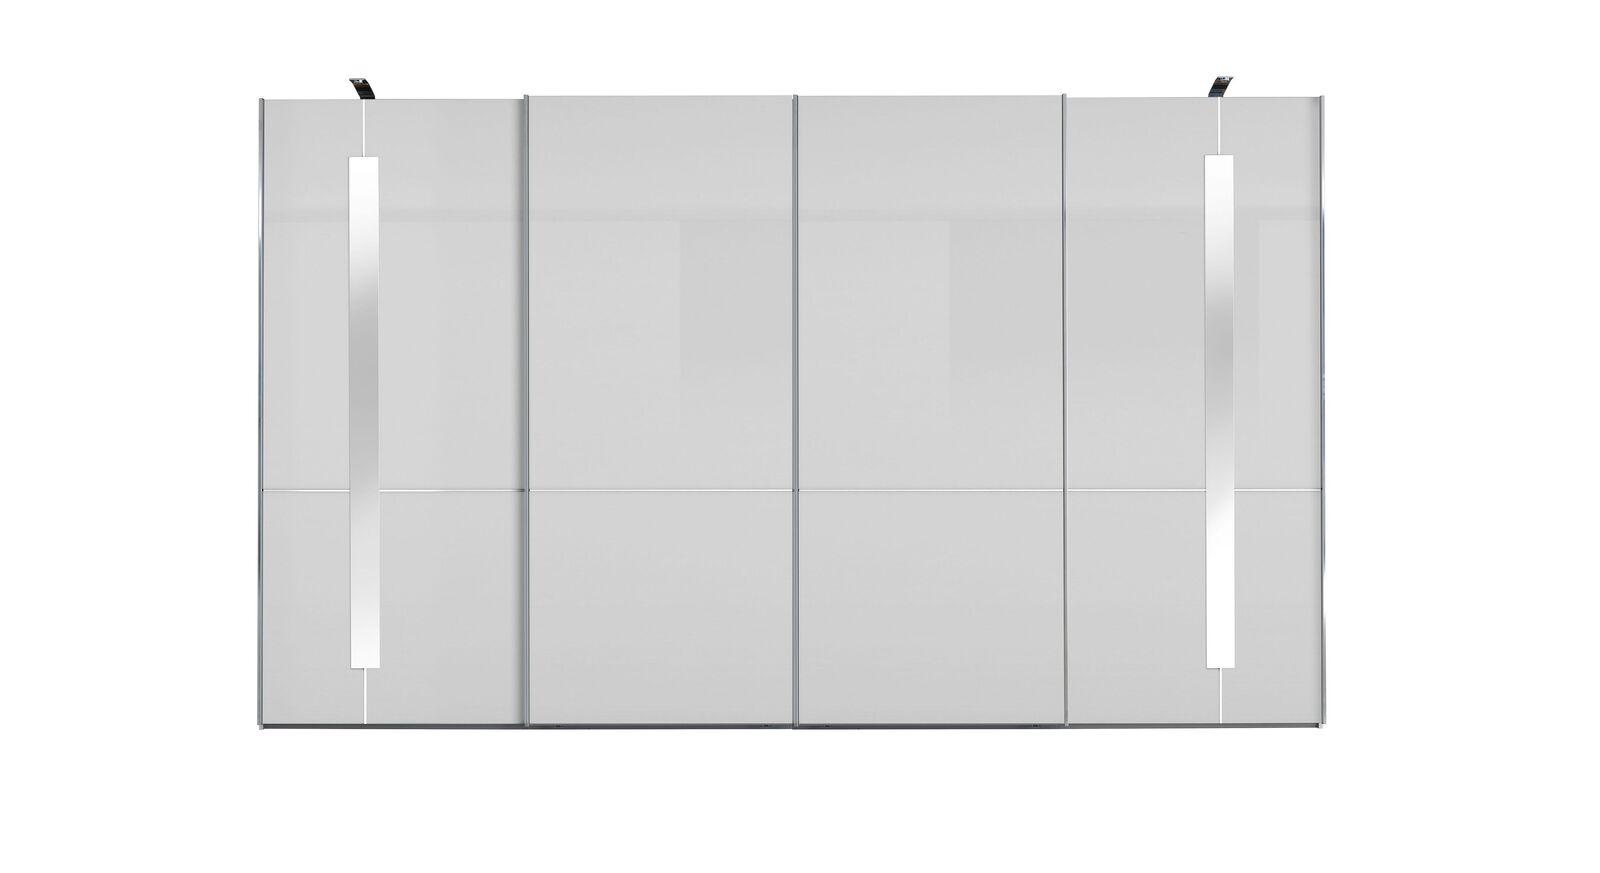 GALLERY M Schwebetüren-Kleiderschrank IMOLA W Weiß - 4-türig ohne Zierspiegeln